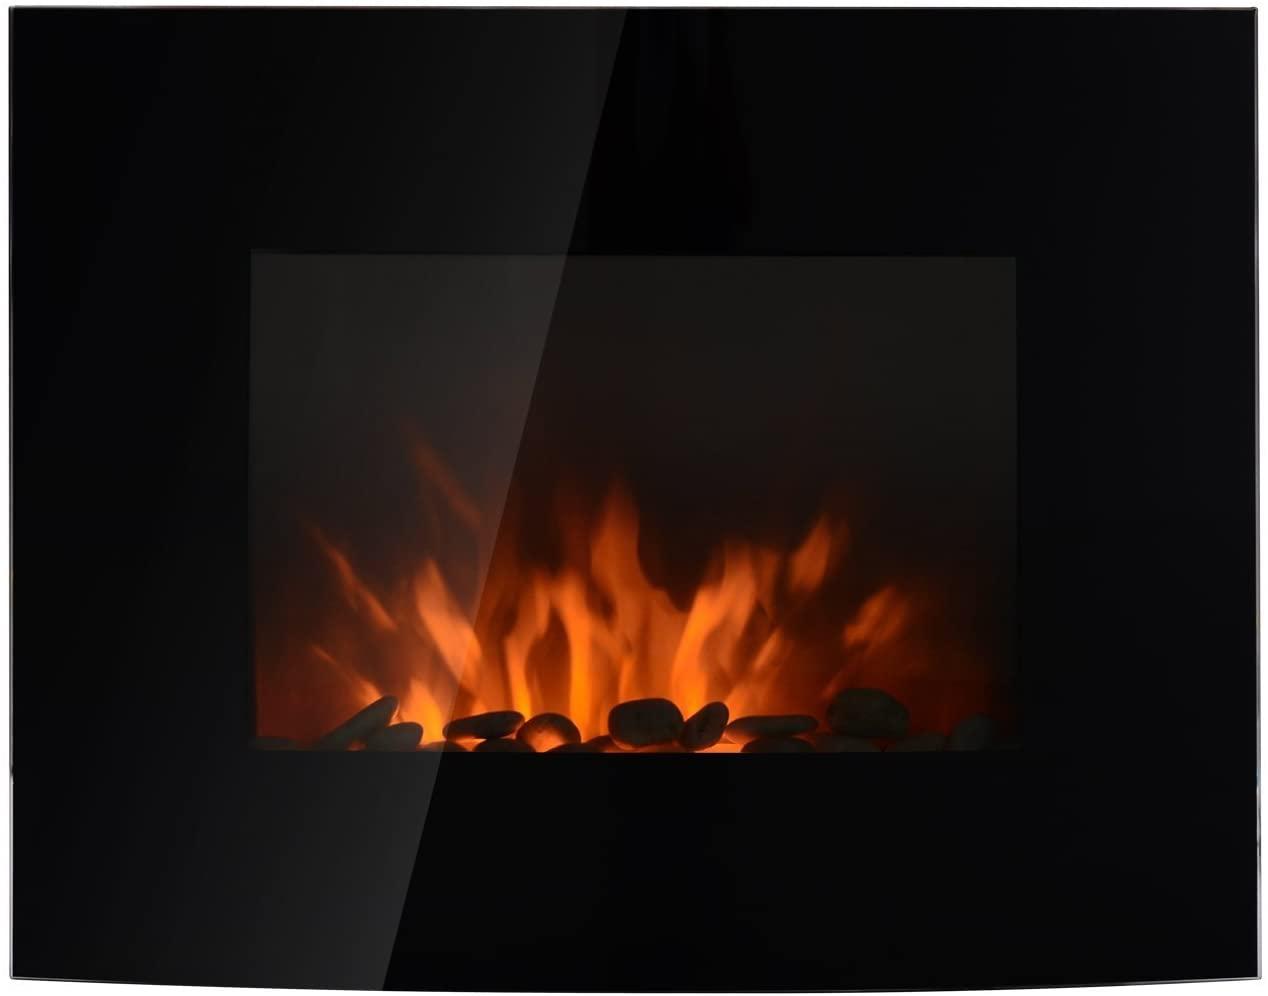 HOMCOM Chimenea Eléctrica Tipo Estufa de Pared con Efecto Llamas Atmosféricas y Luz LED de 7 Colores con Mando A Distancia 1000W/2000W 88.5x13.5x56cm